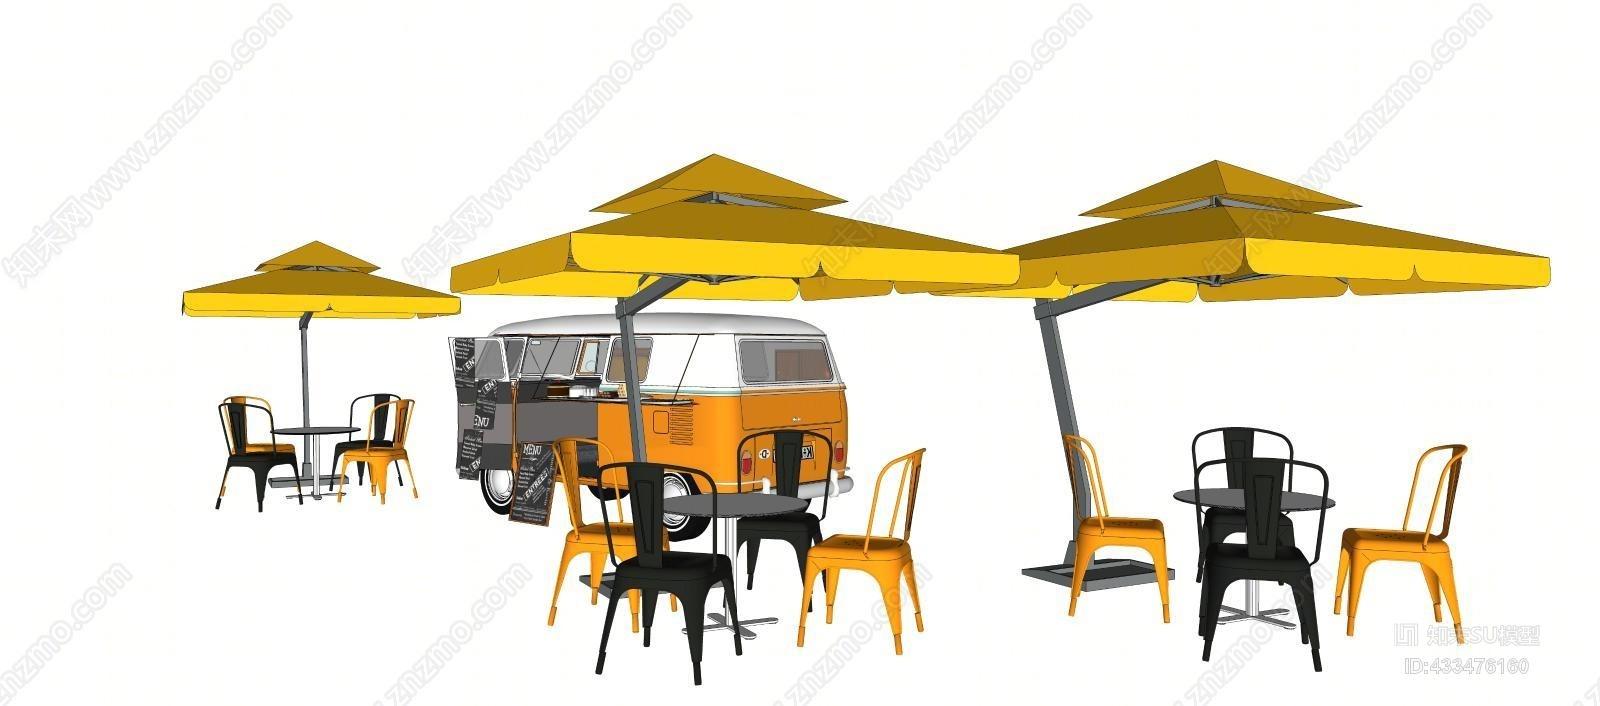 冰淇淋黄色售卖车